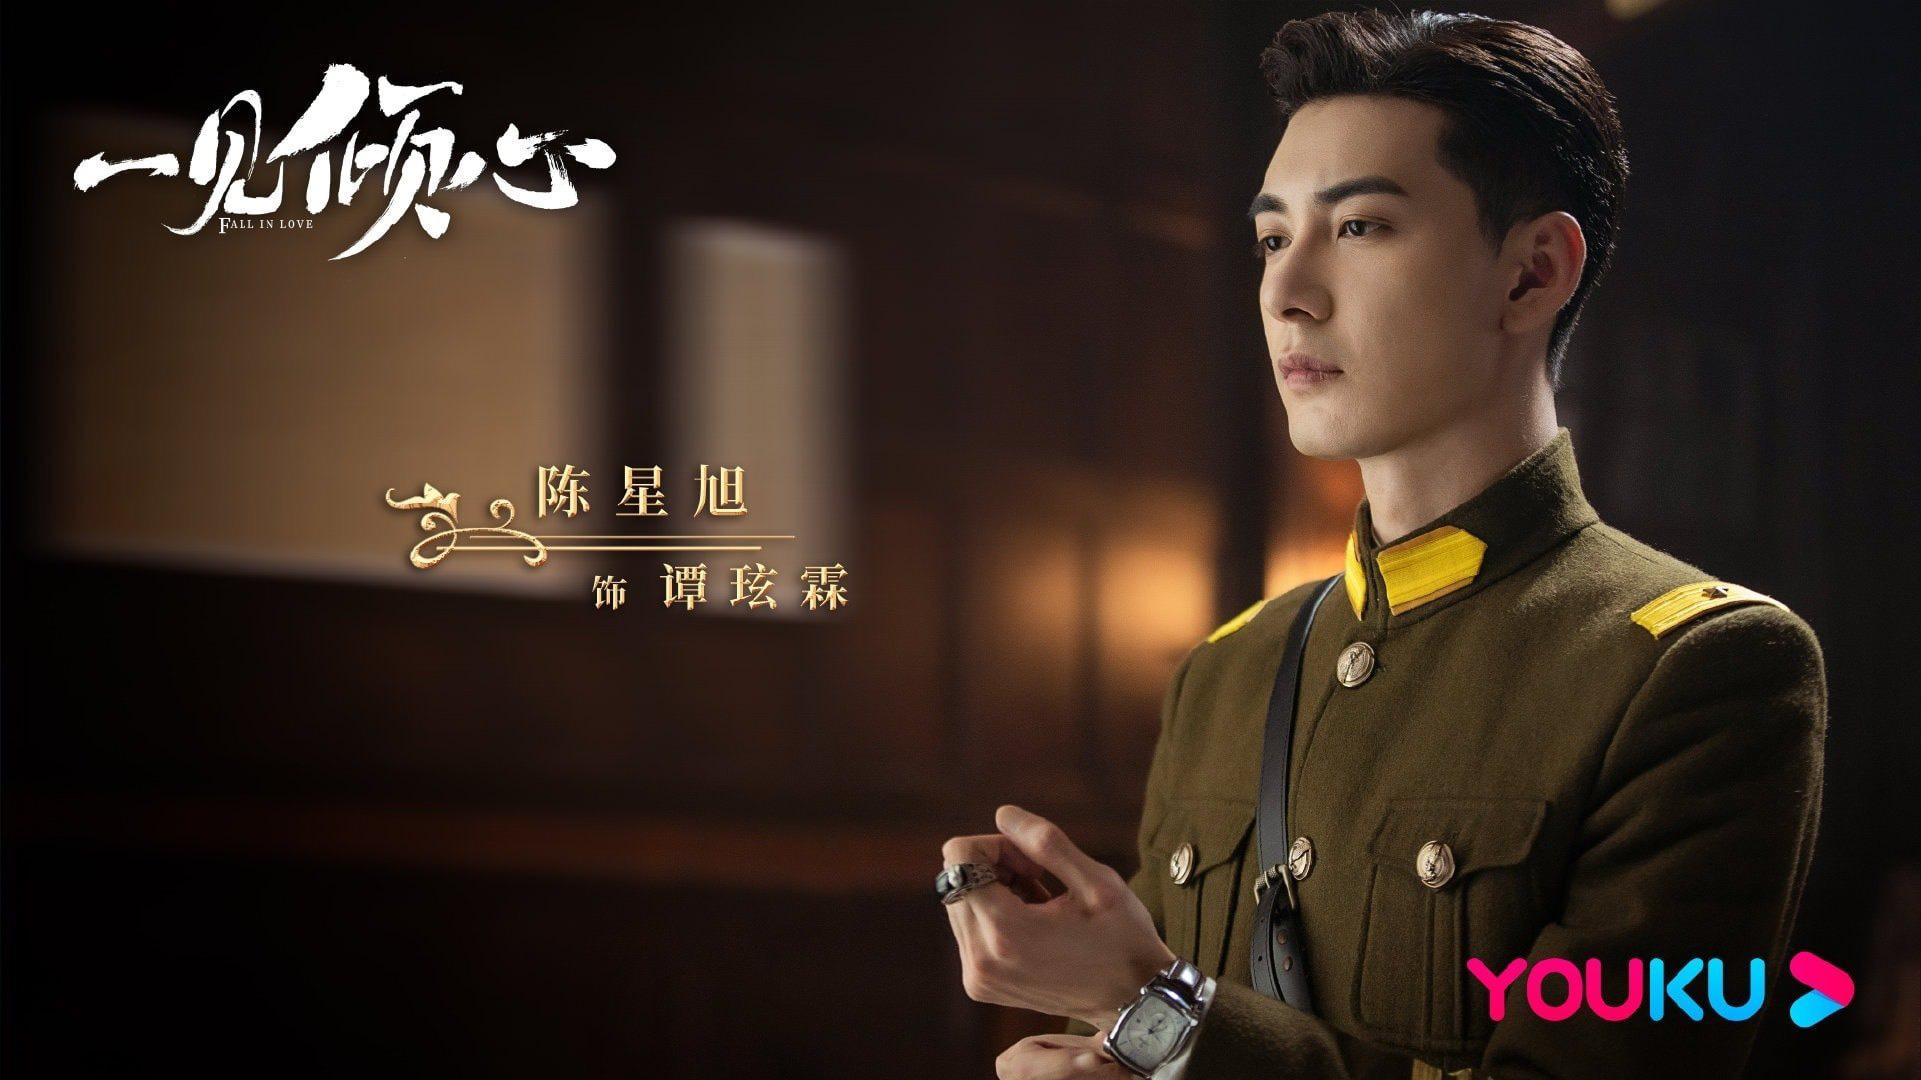 Tra nam Trần Tinh Húc siêu bảnh ở poster phim mới, cư dân mạng lại mất liêm sỉ tập thể - Ảnh 1.